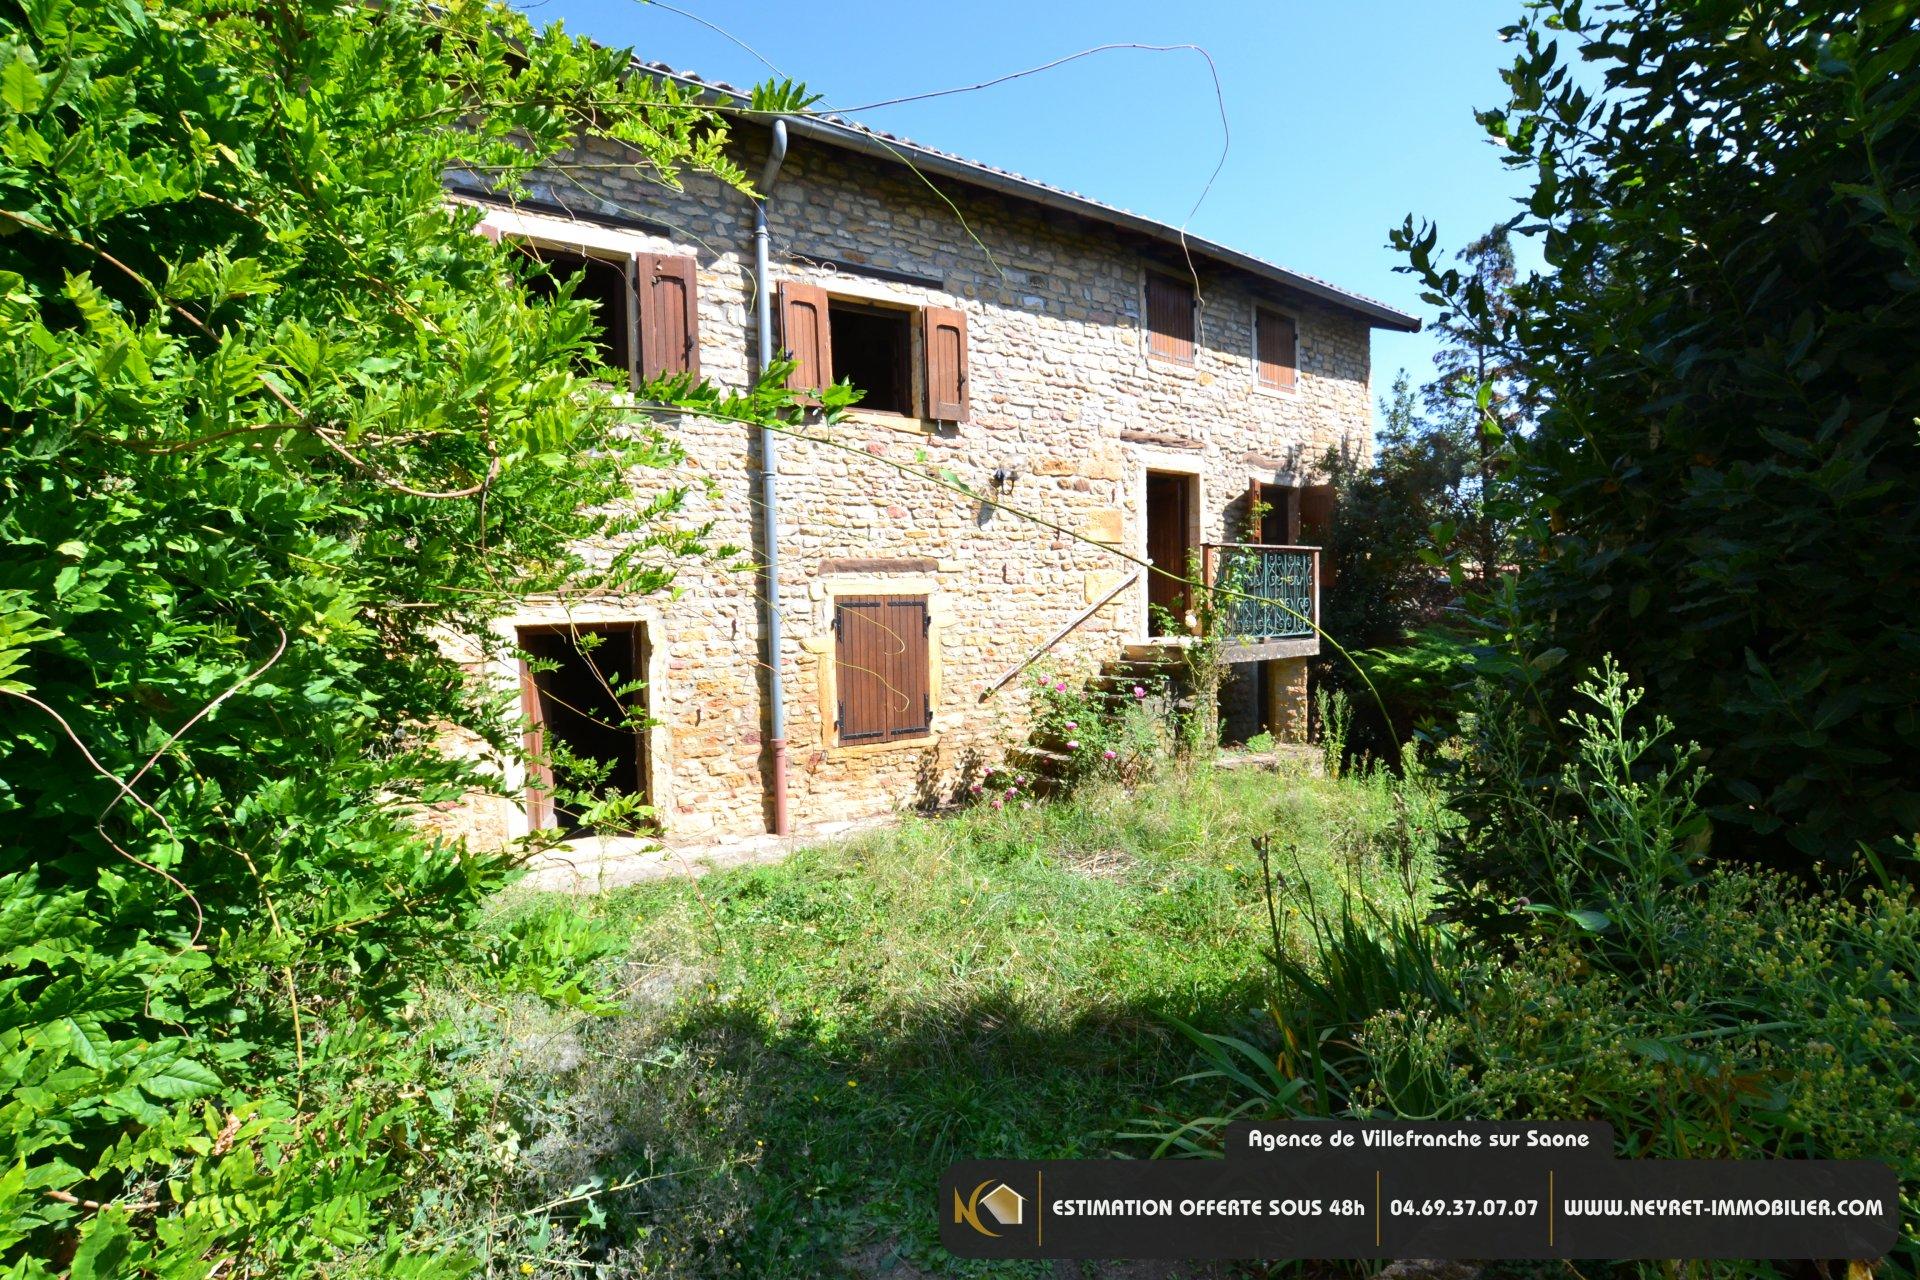 Maison de Village avec Jardin - 220m2